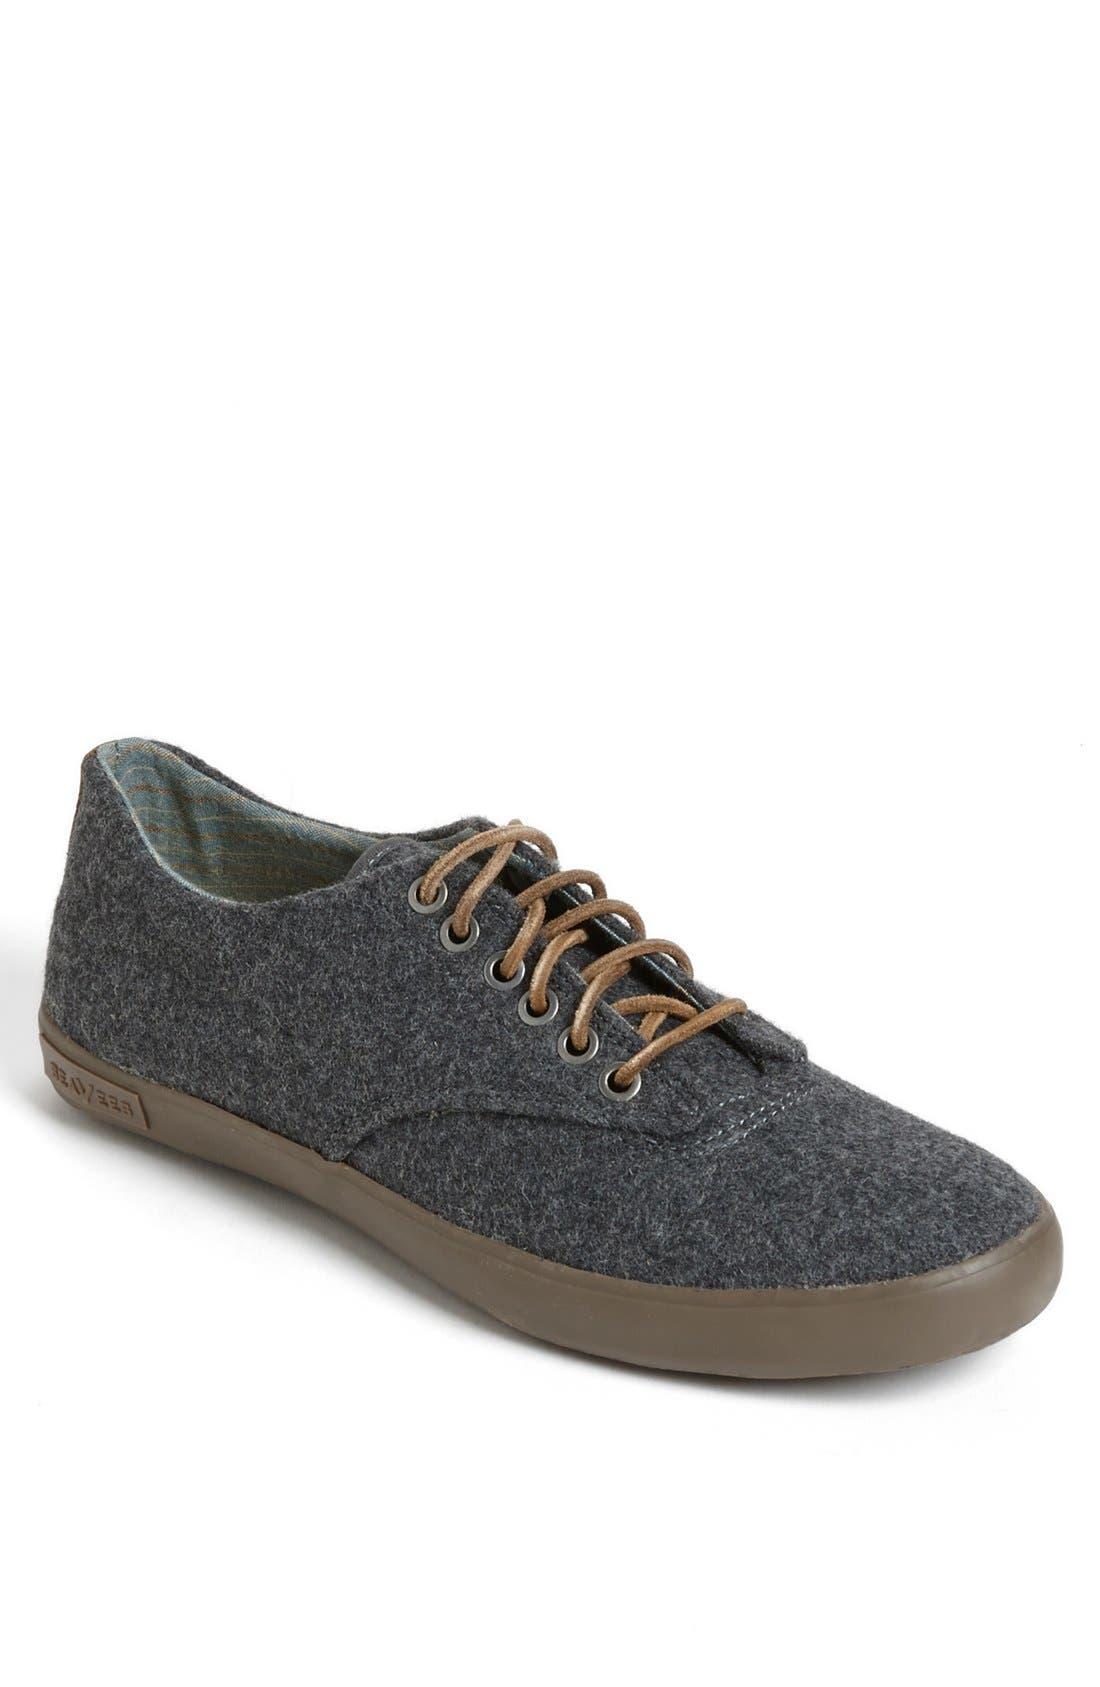 Alternate Image 1 Selected - SeaVees 'Hermosa Plimsoll Surplus' Boiled Wool Sneaker